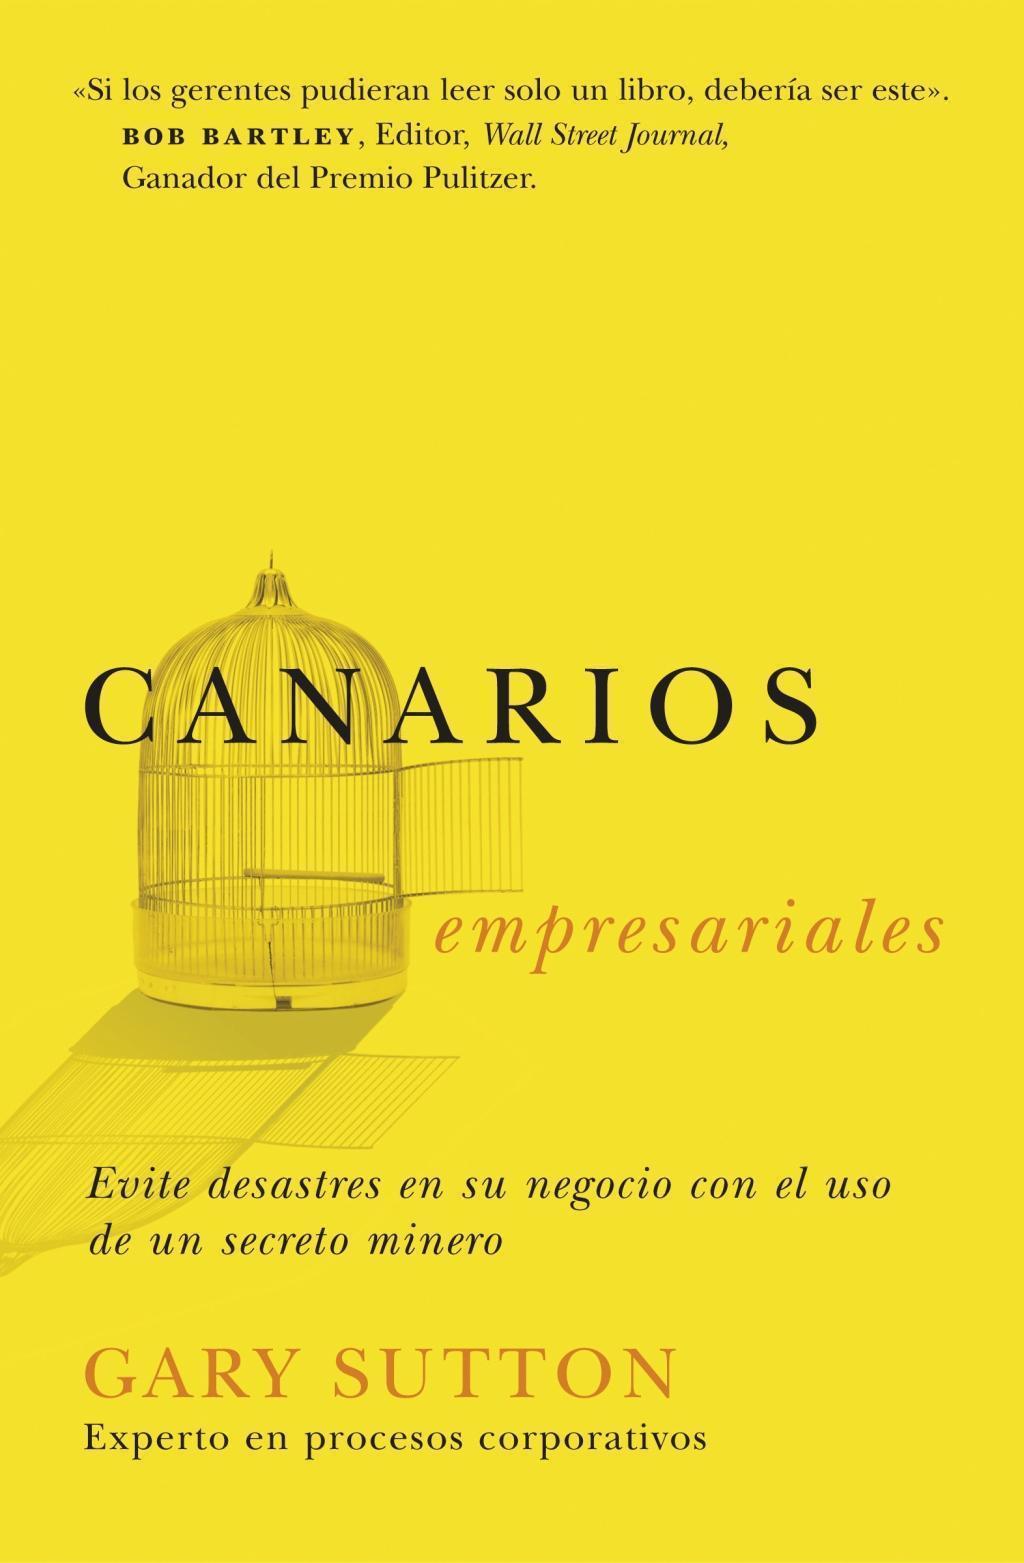 Canarios empresariales